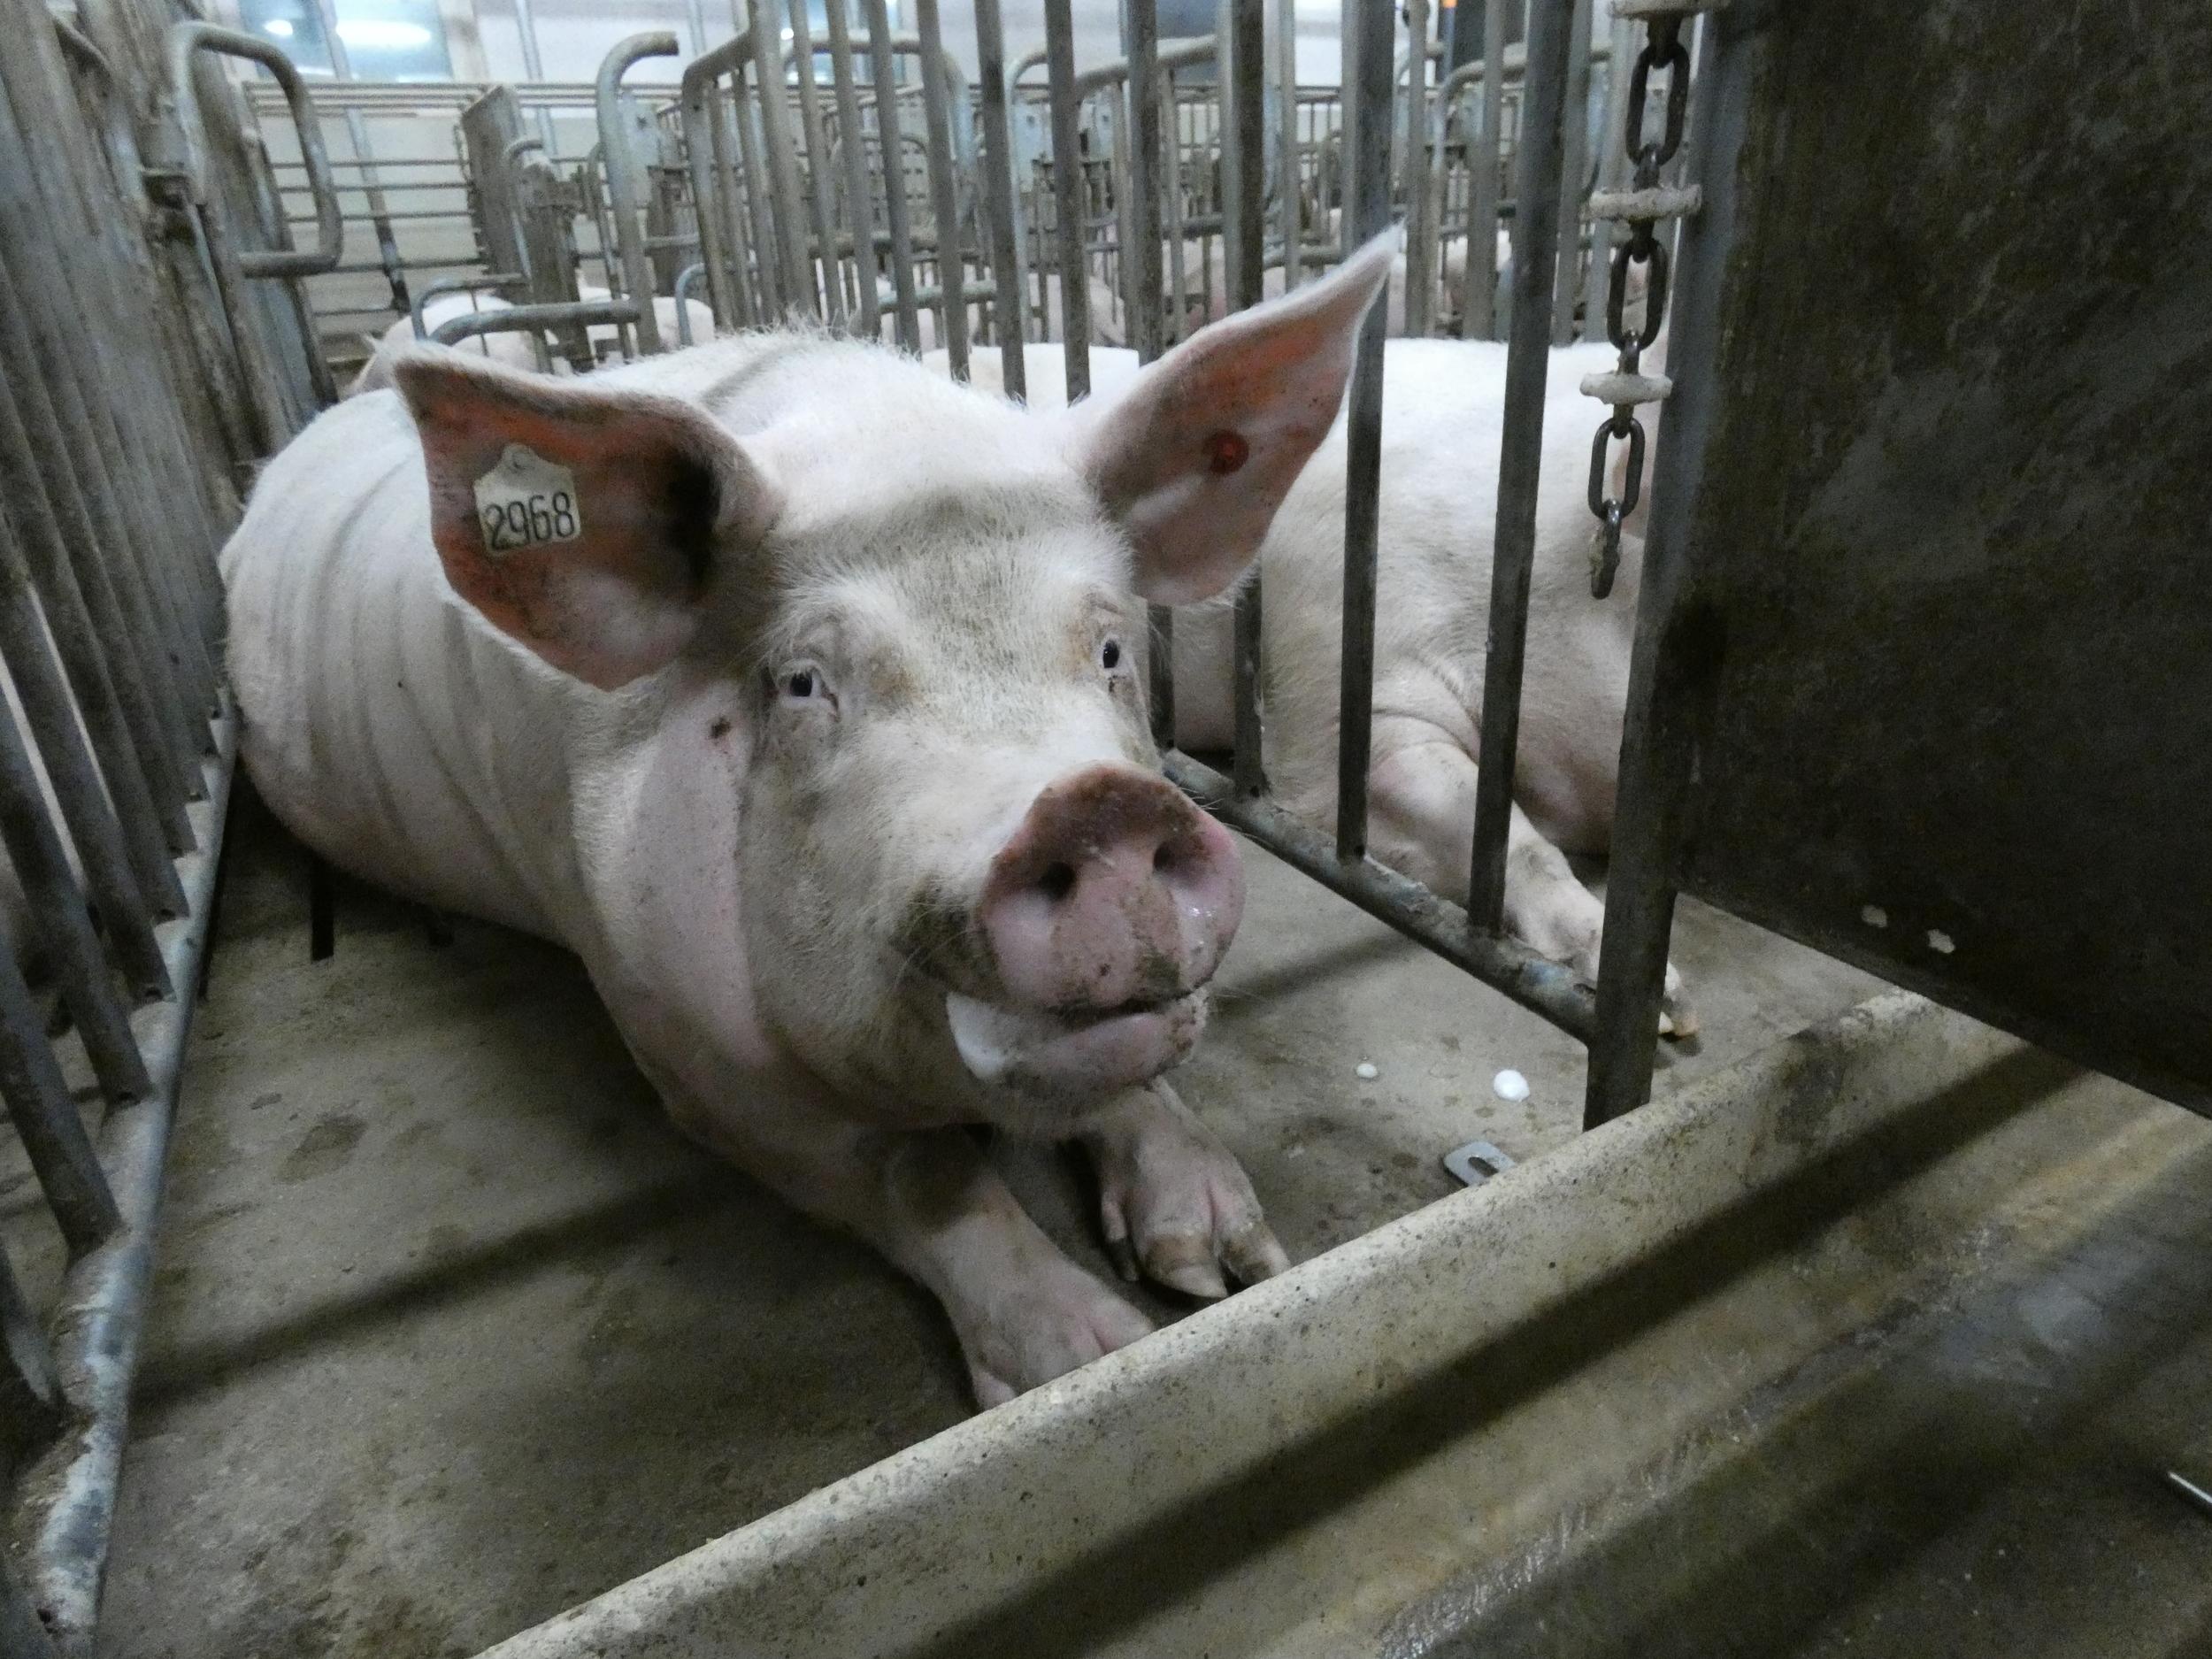 La instalación de 3 granjas industriales de cerdos en Chaco generarán más desmonte - Greenpeace Argentina